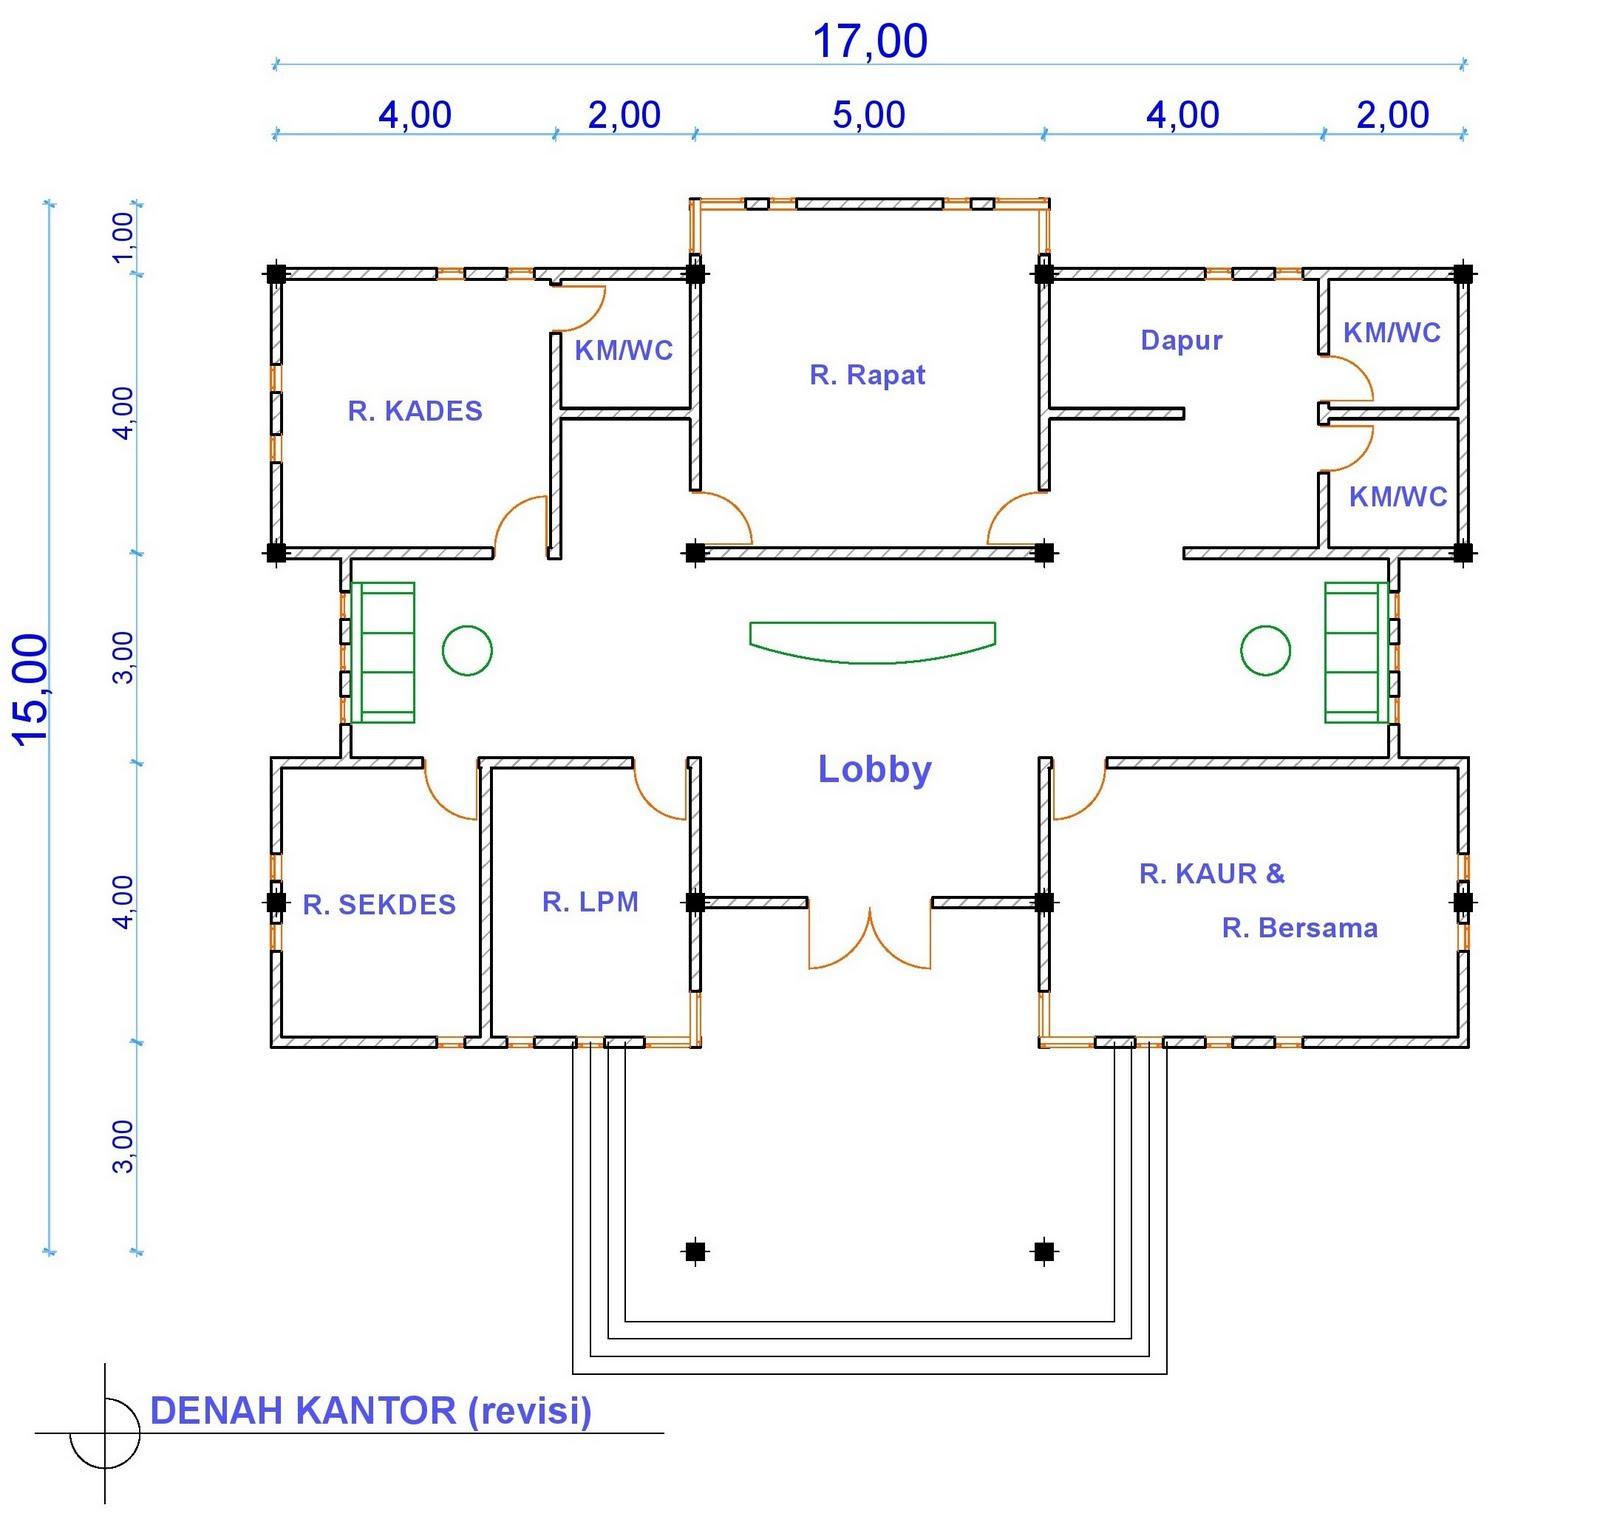 Download Denah Kantor Kelurahan